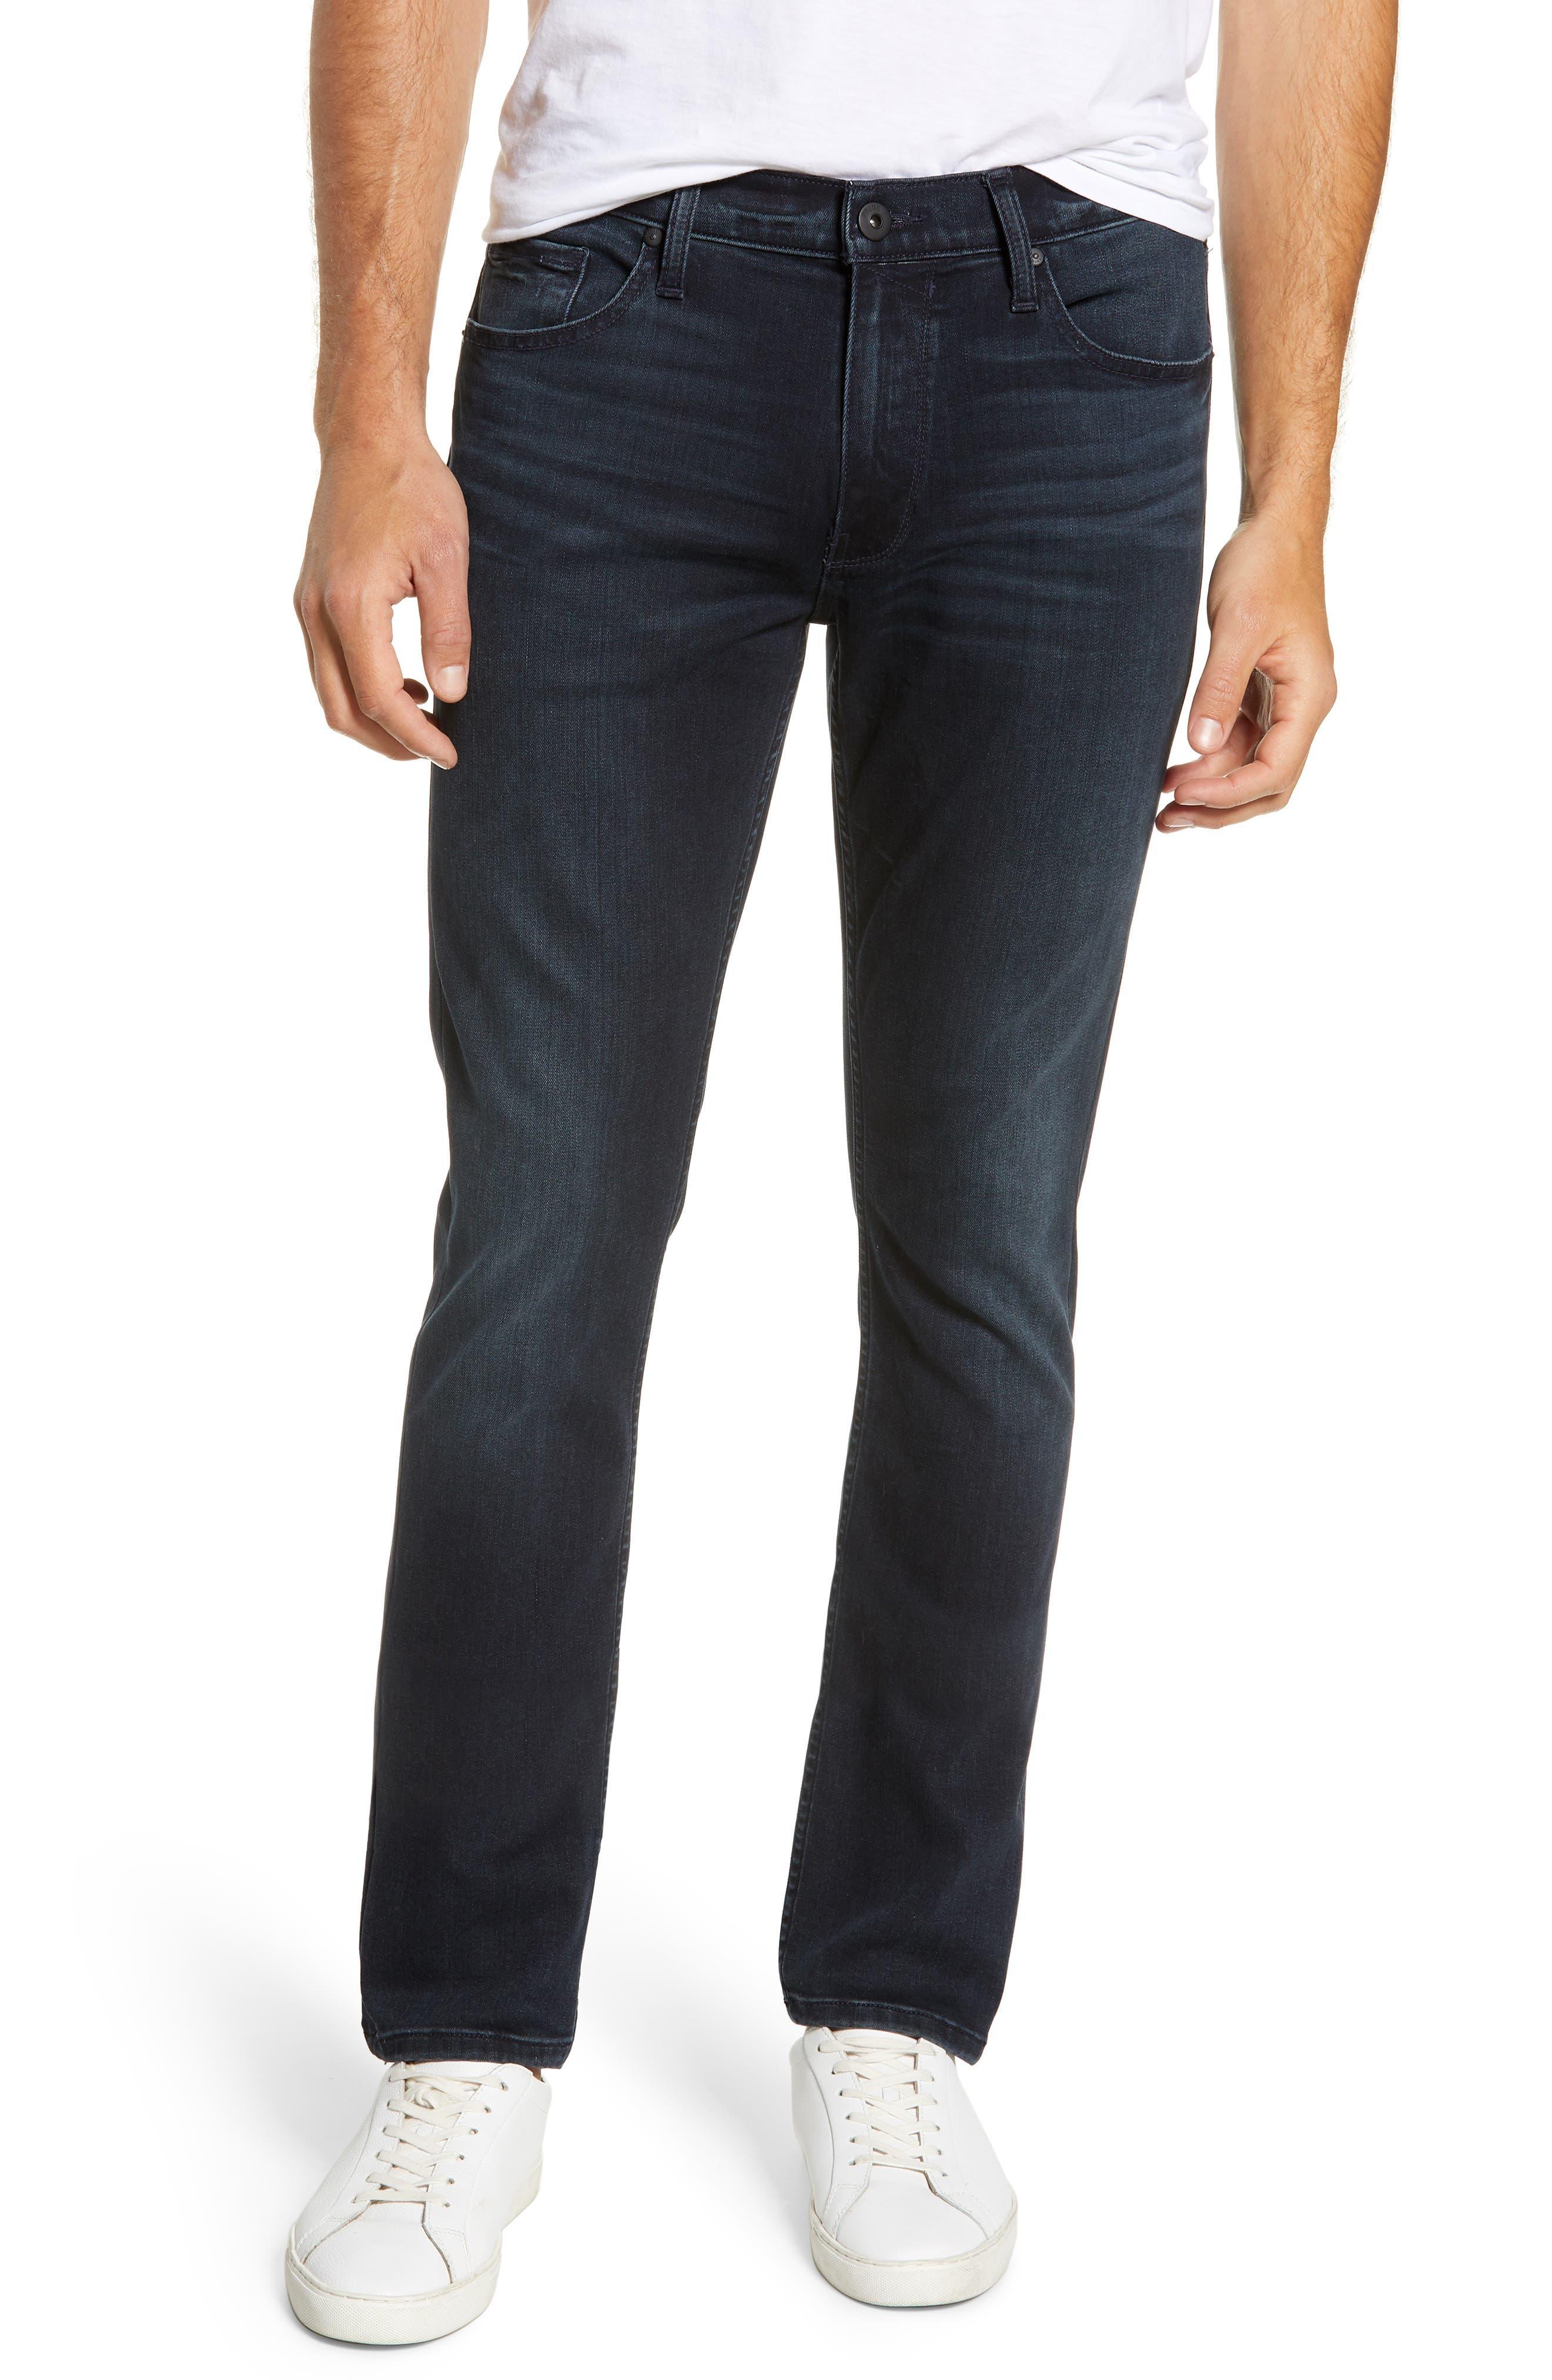 PAIGE Transcend - Lennox Slim Fit Jeans, Main, color, HOLLAND